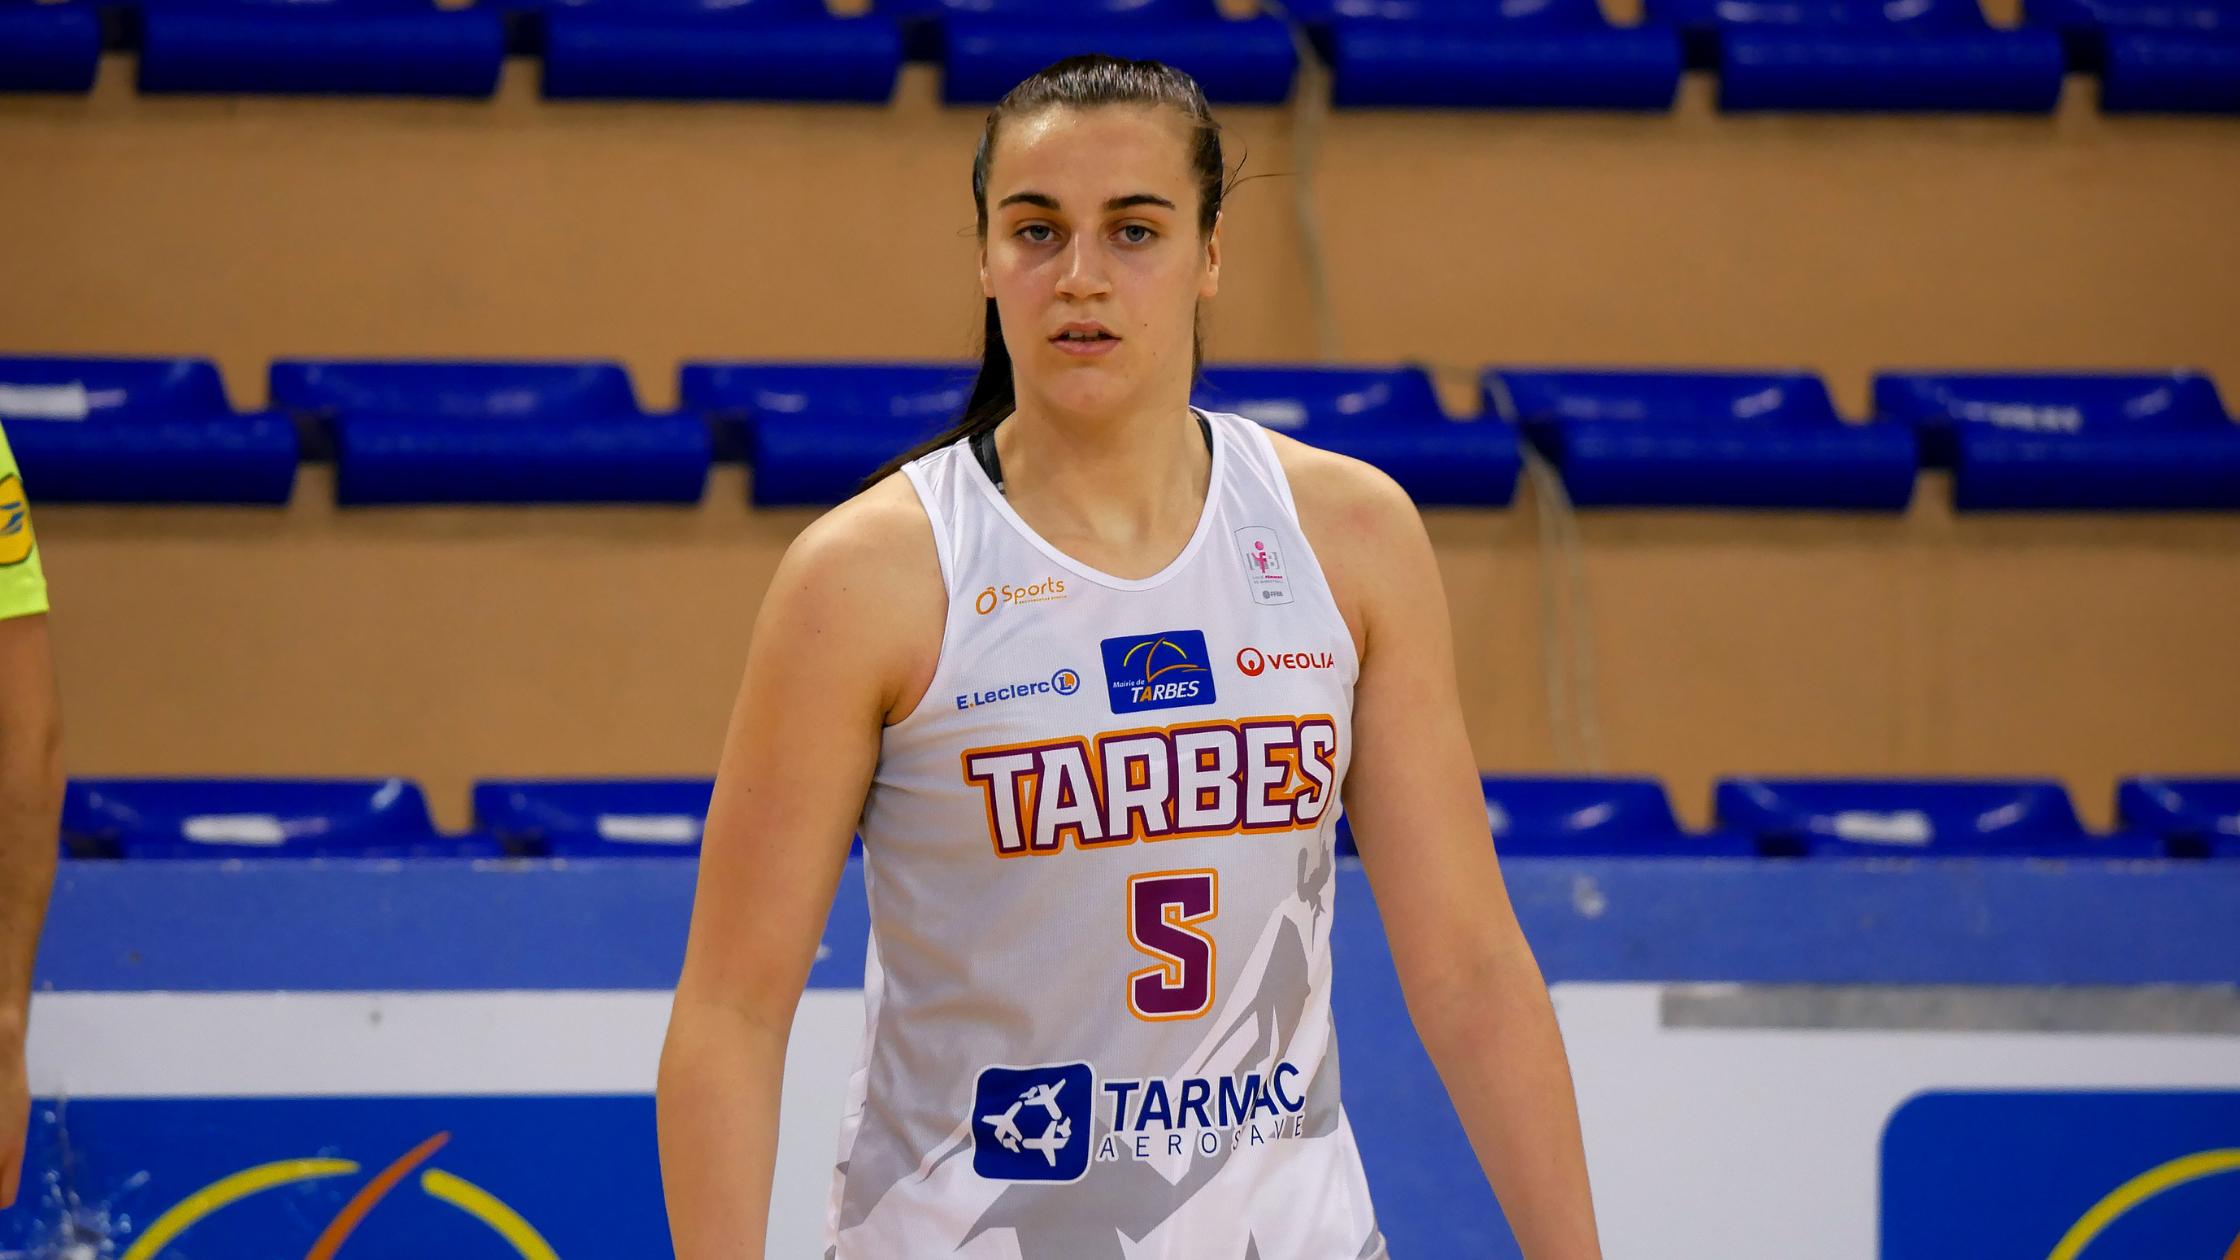 Marie Pardon prolonge au TGB